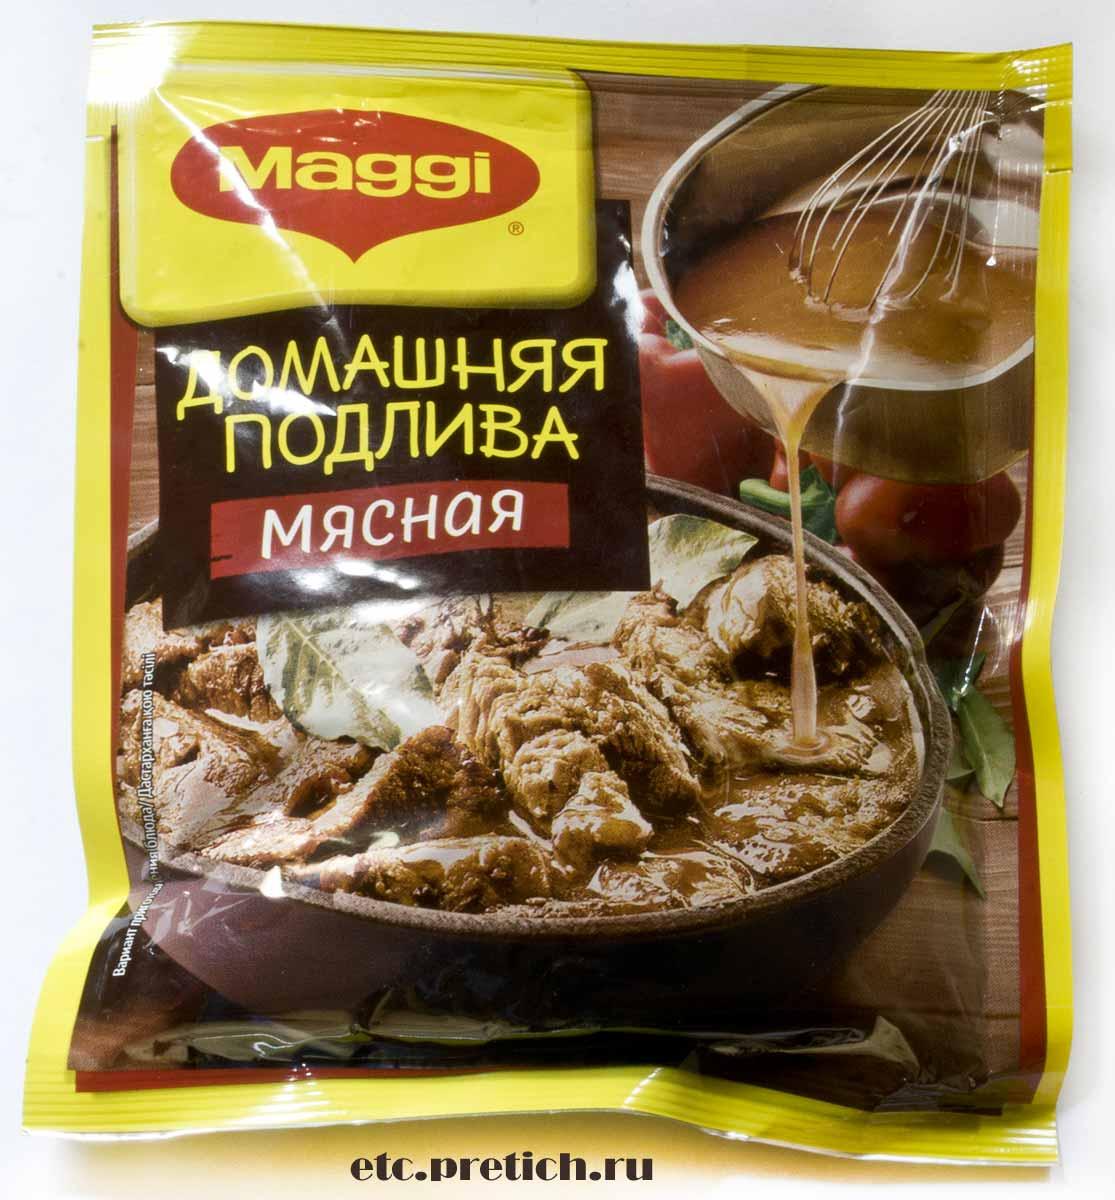 Maggi Домашняя подлива мясная - отзыв на соус